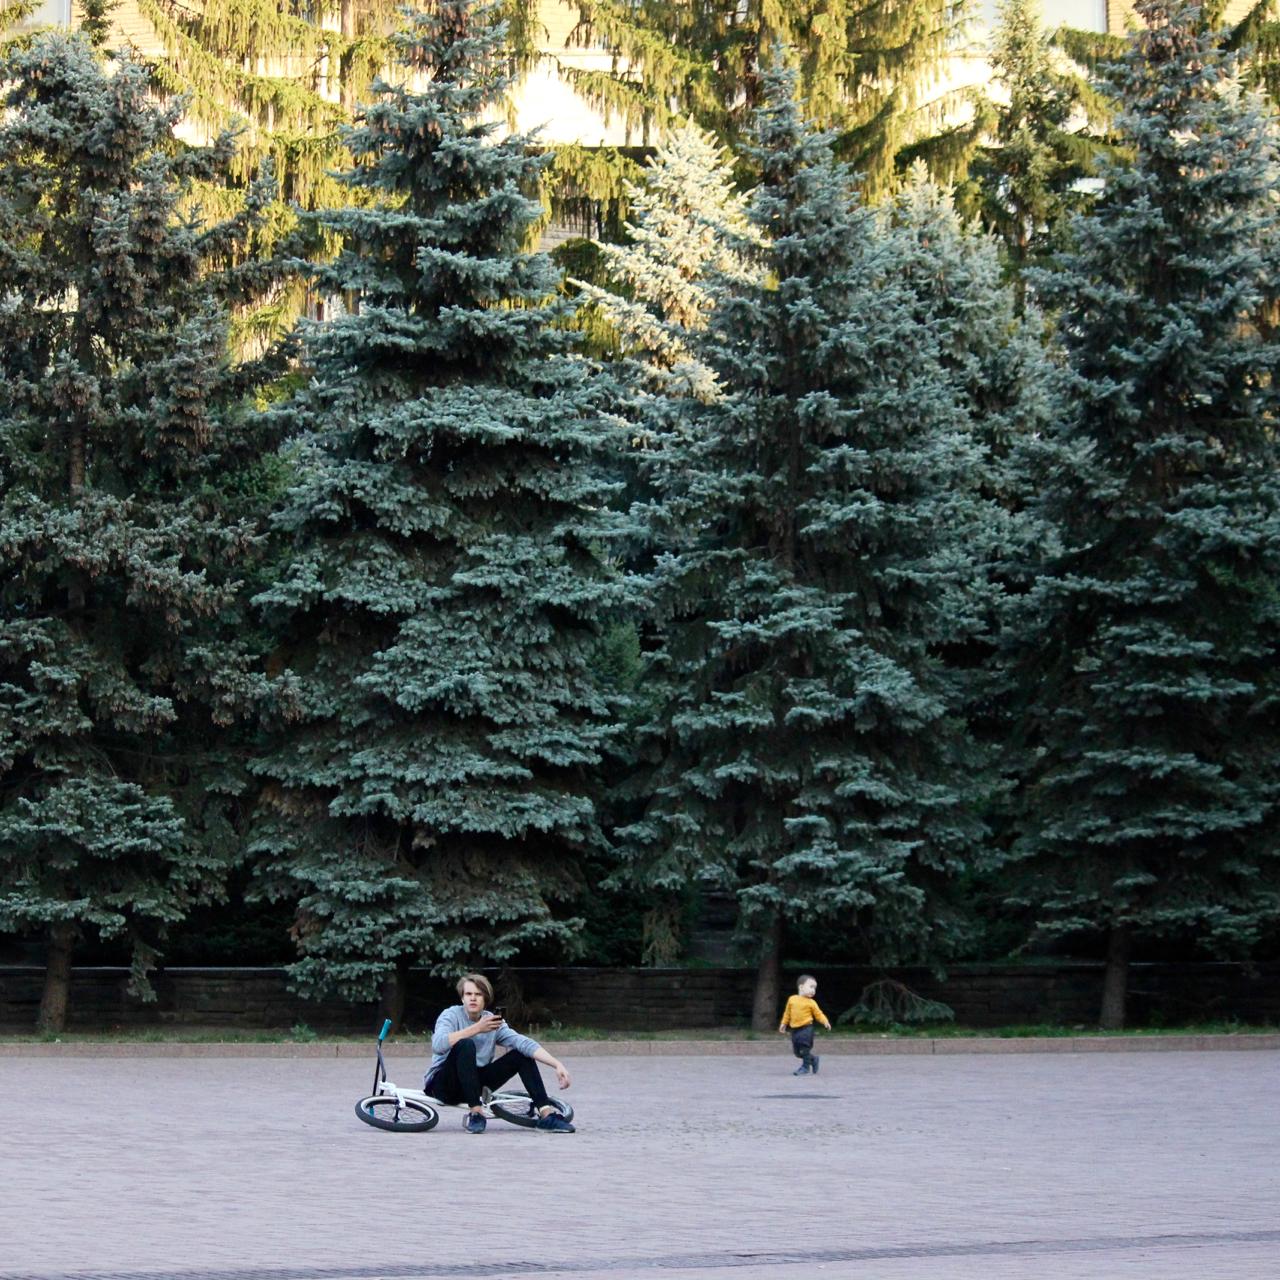 Almaty, Kazakhstan - 12